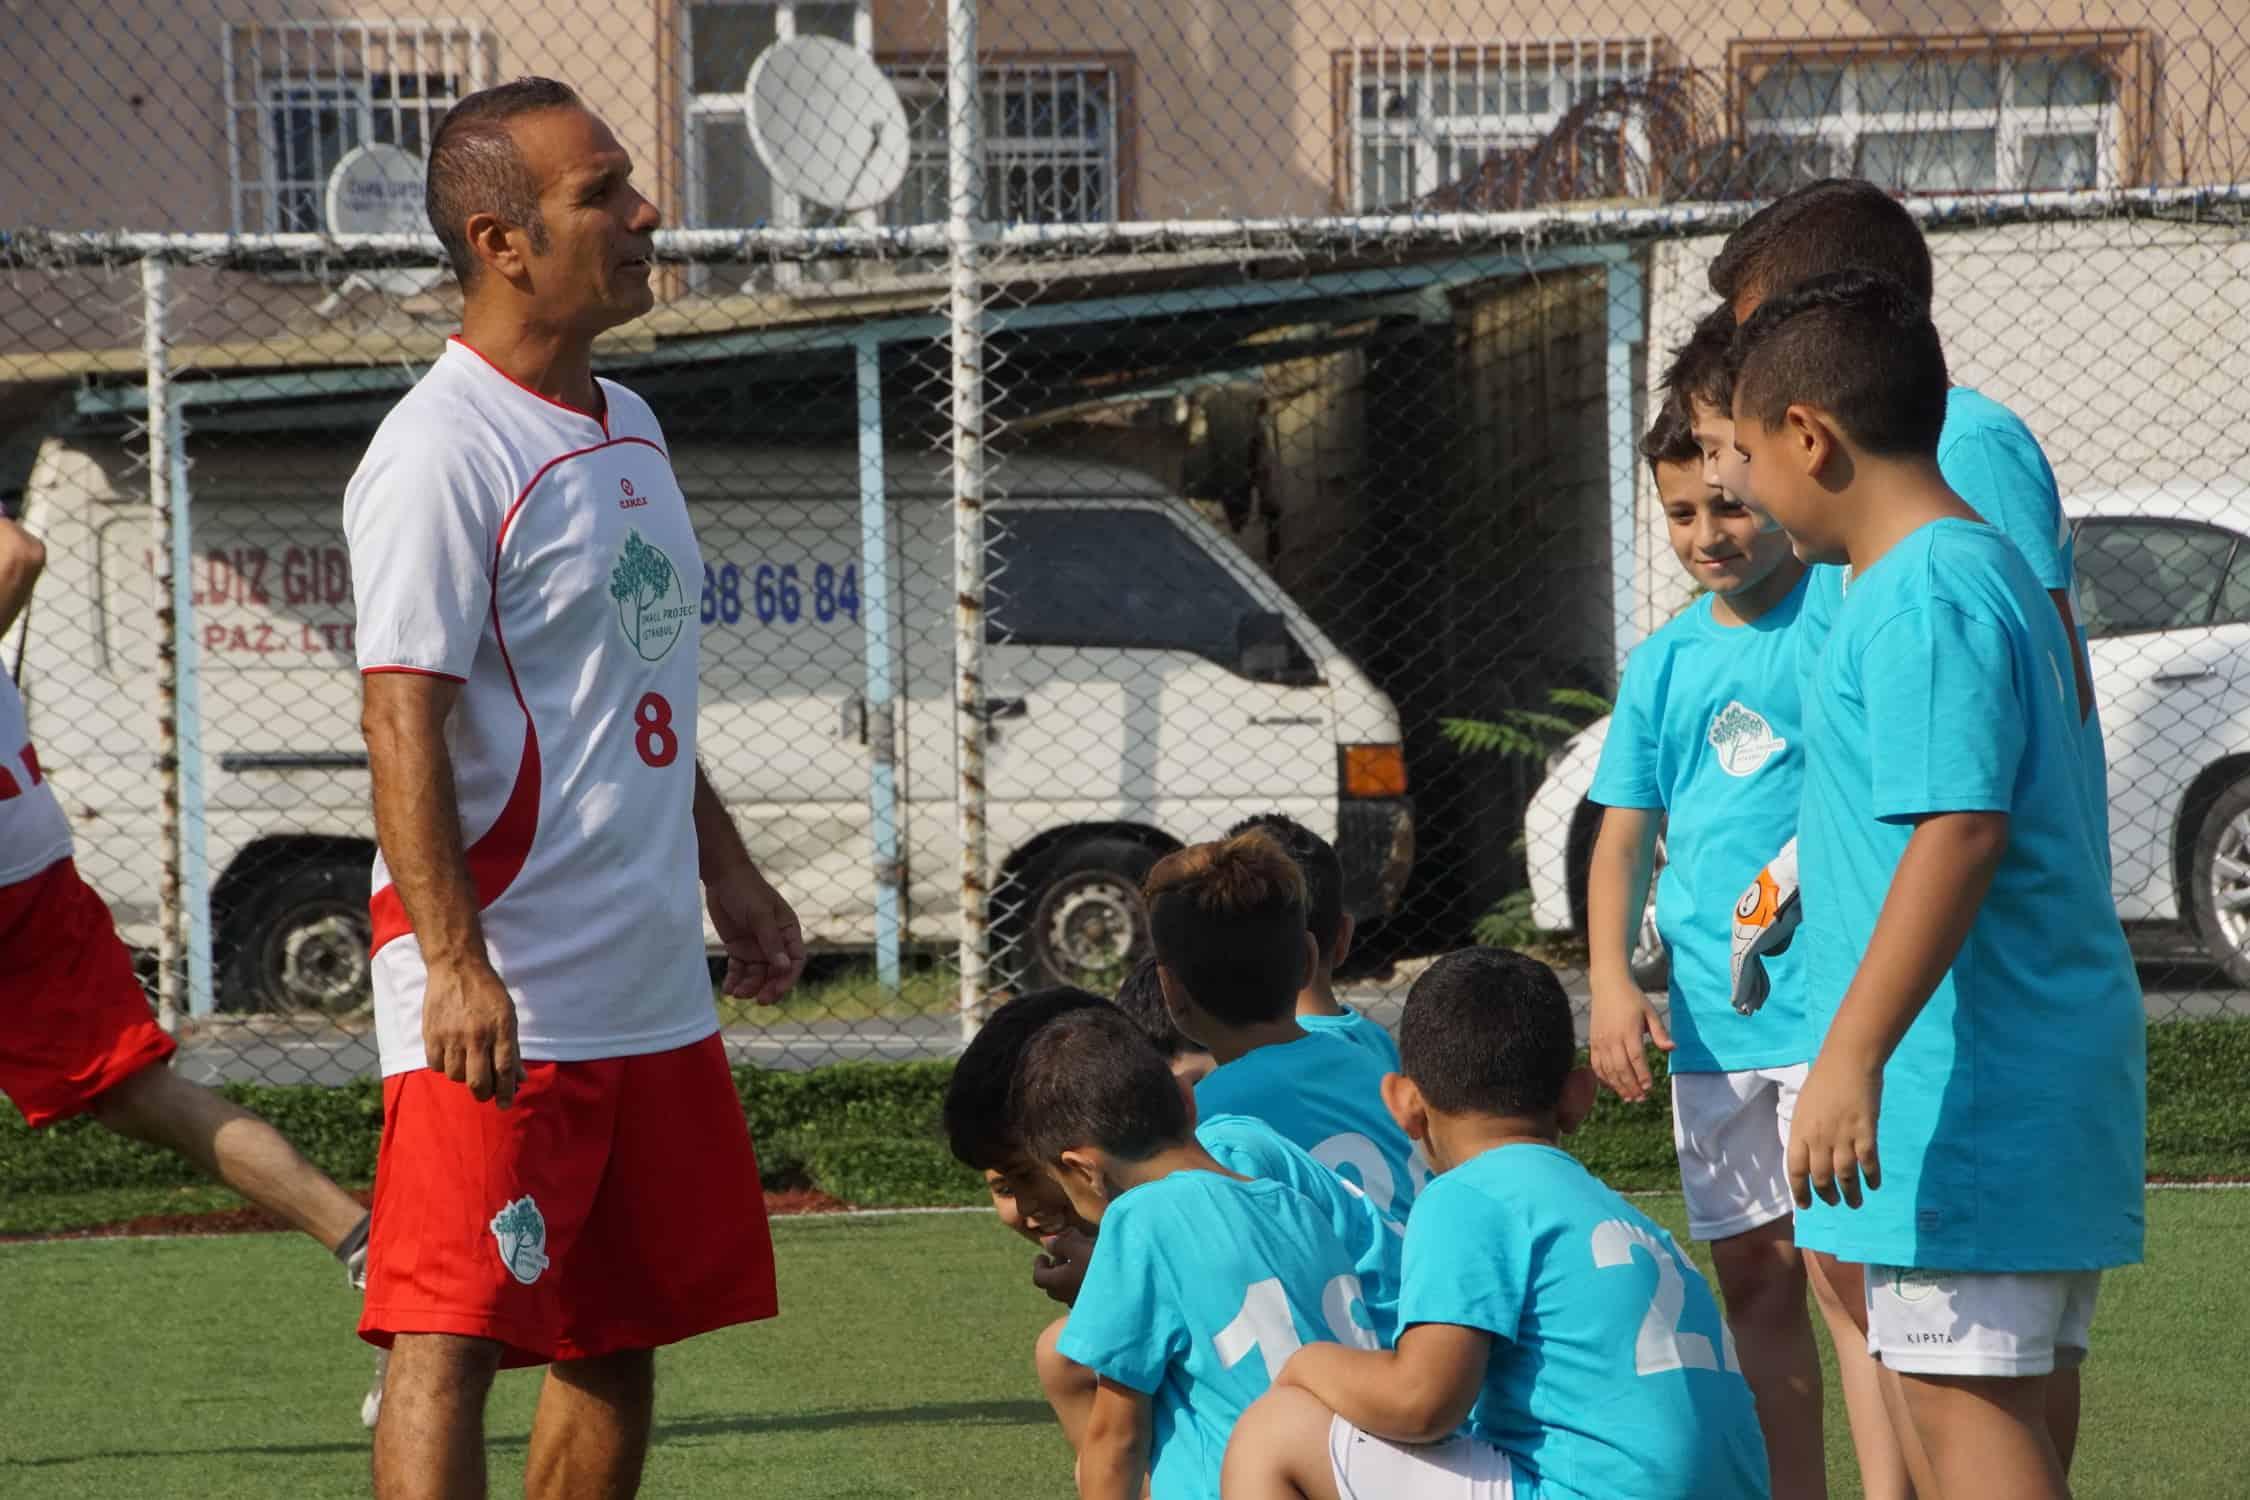 Ahmad-spi-football-team-istanbul